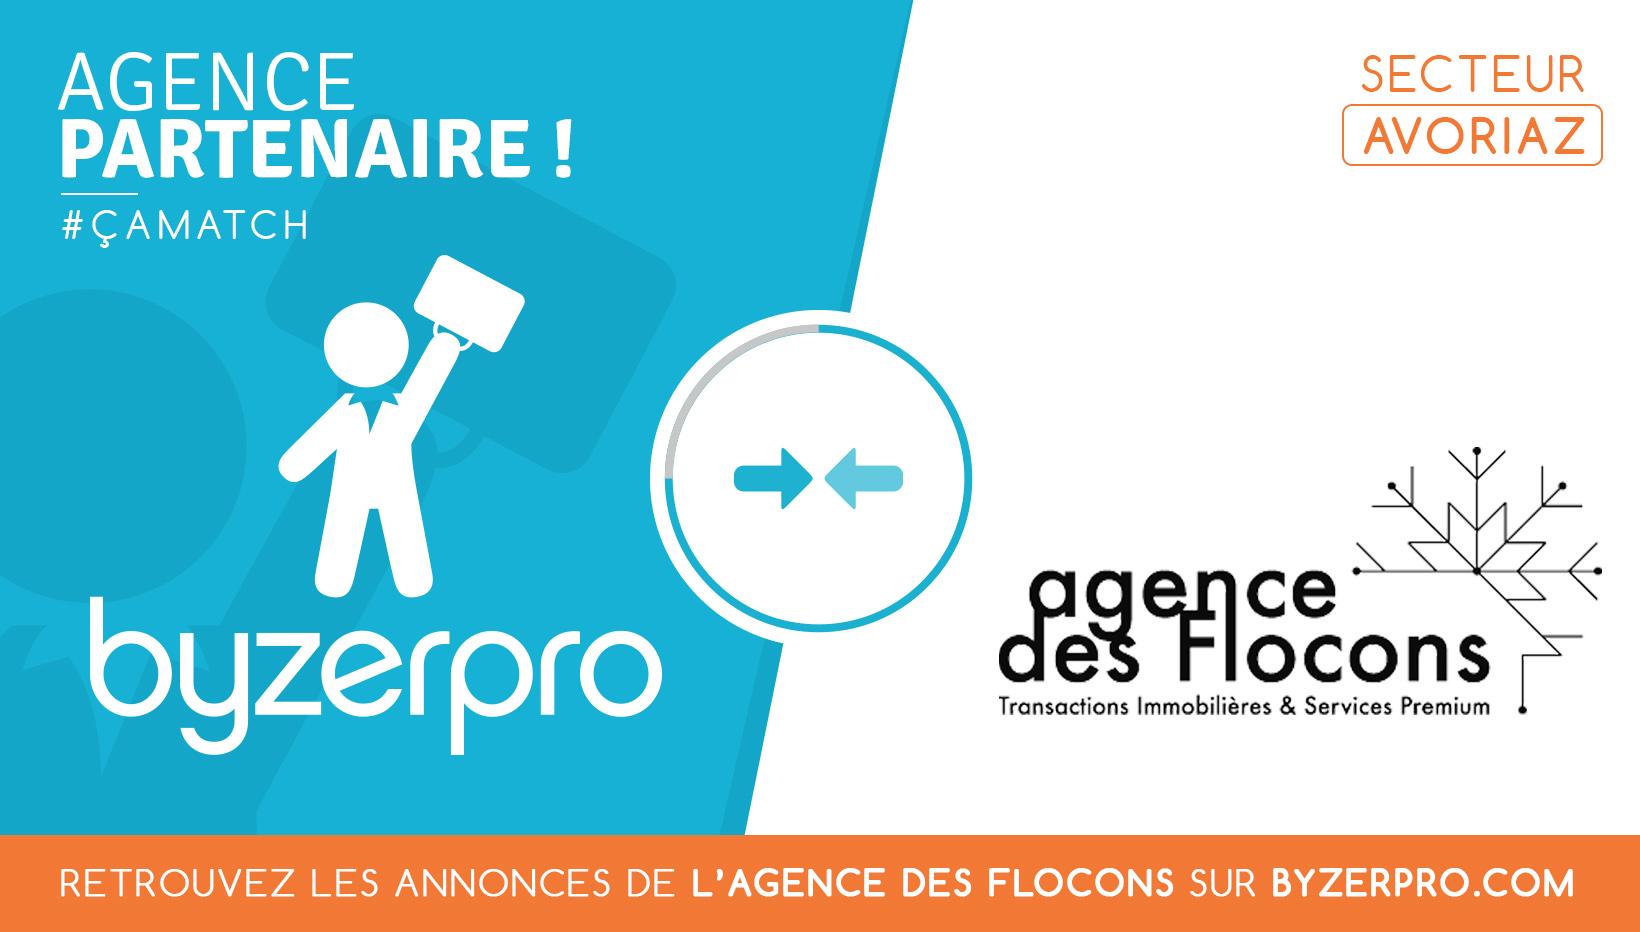 Agence des Flocons, partenaire Byzerpro.com